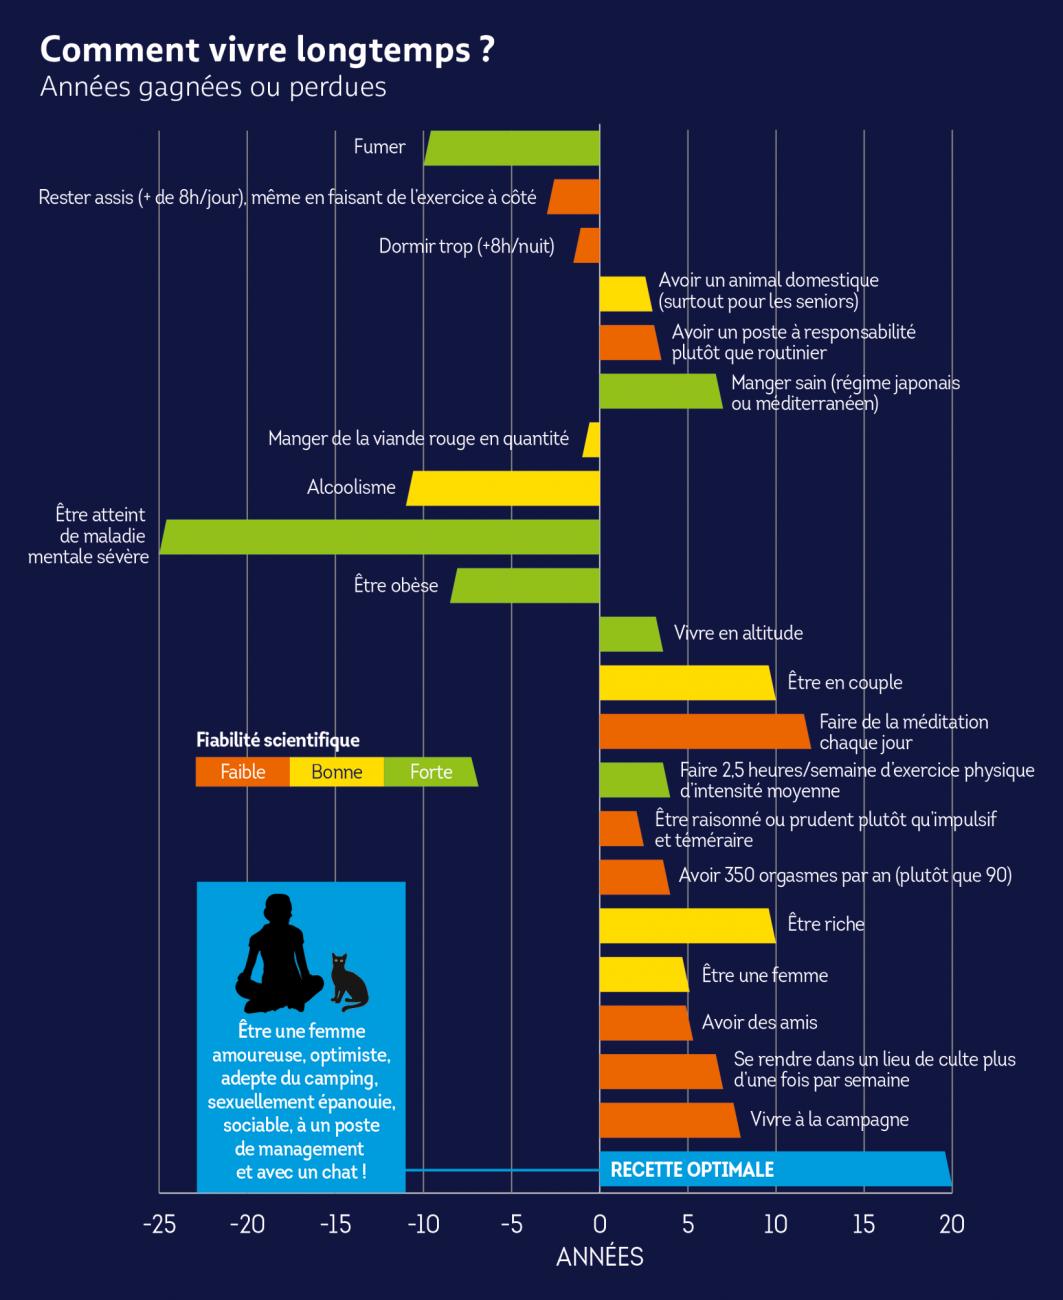 graph-croyance-science-esperance-vie.png